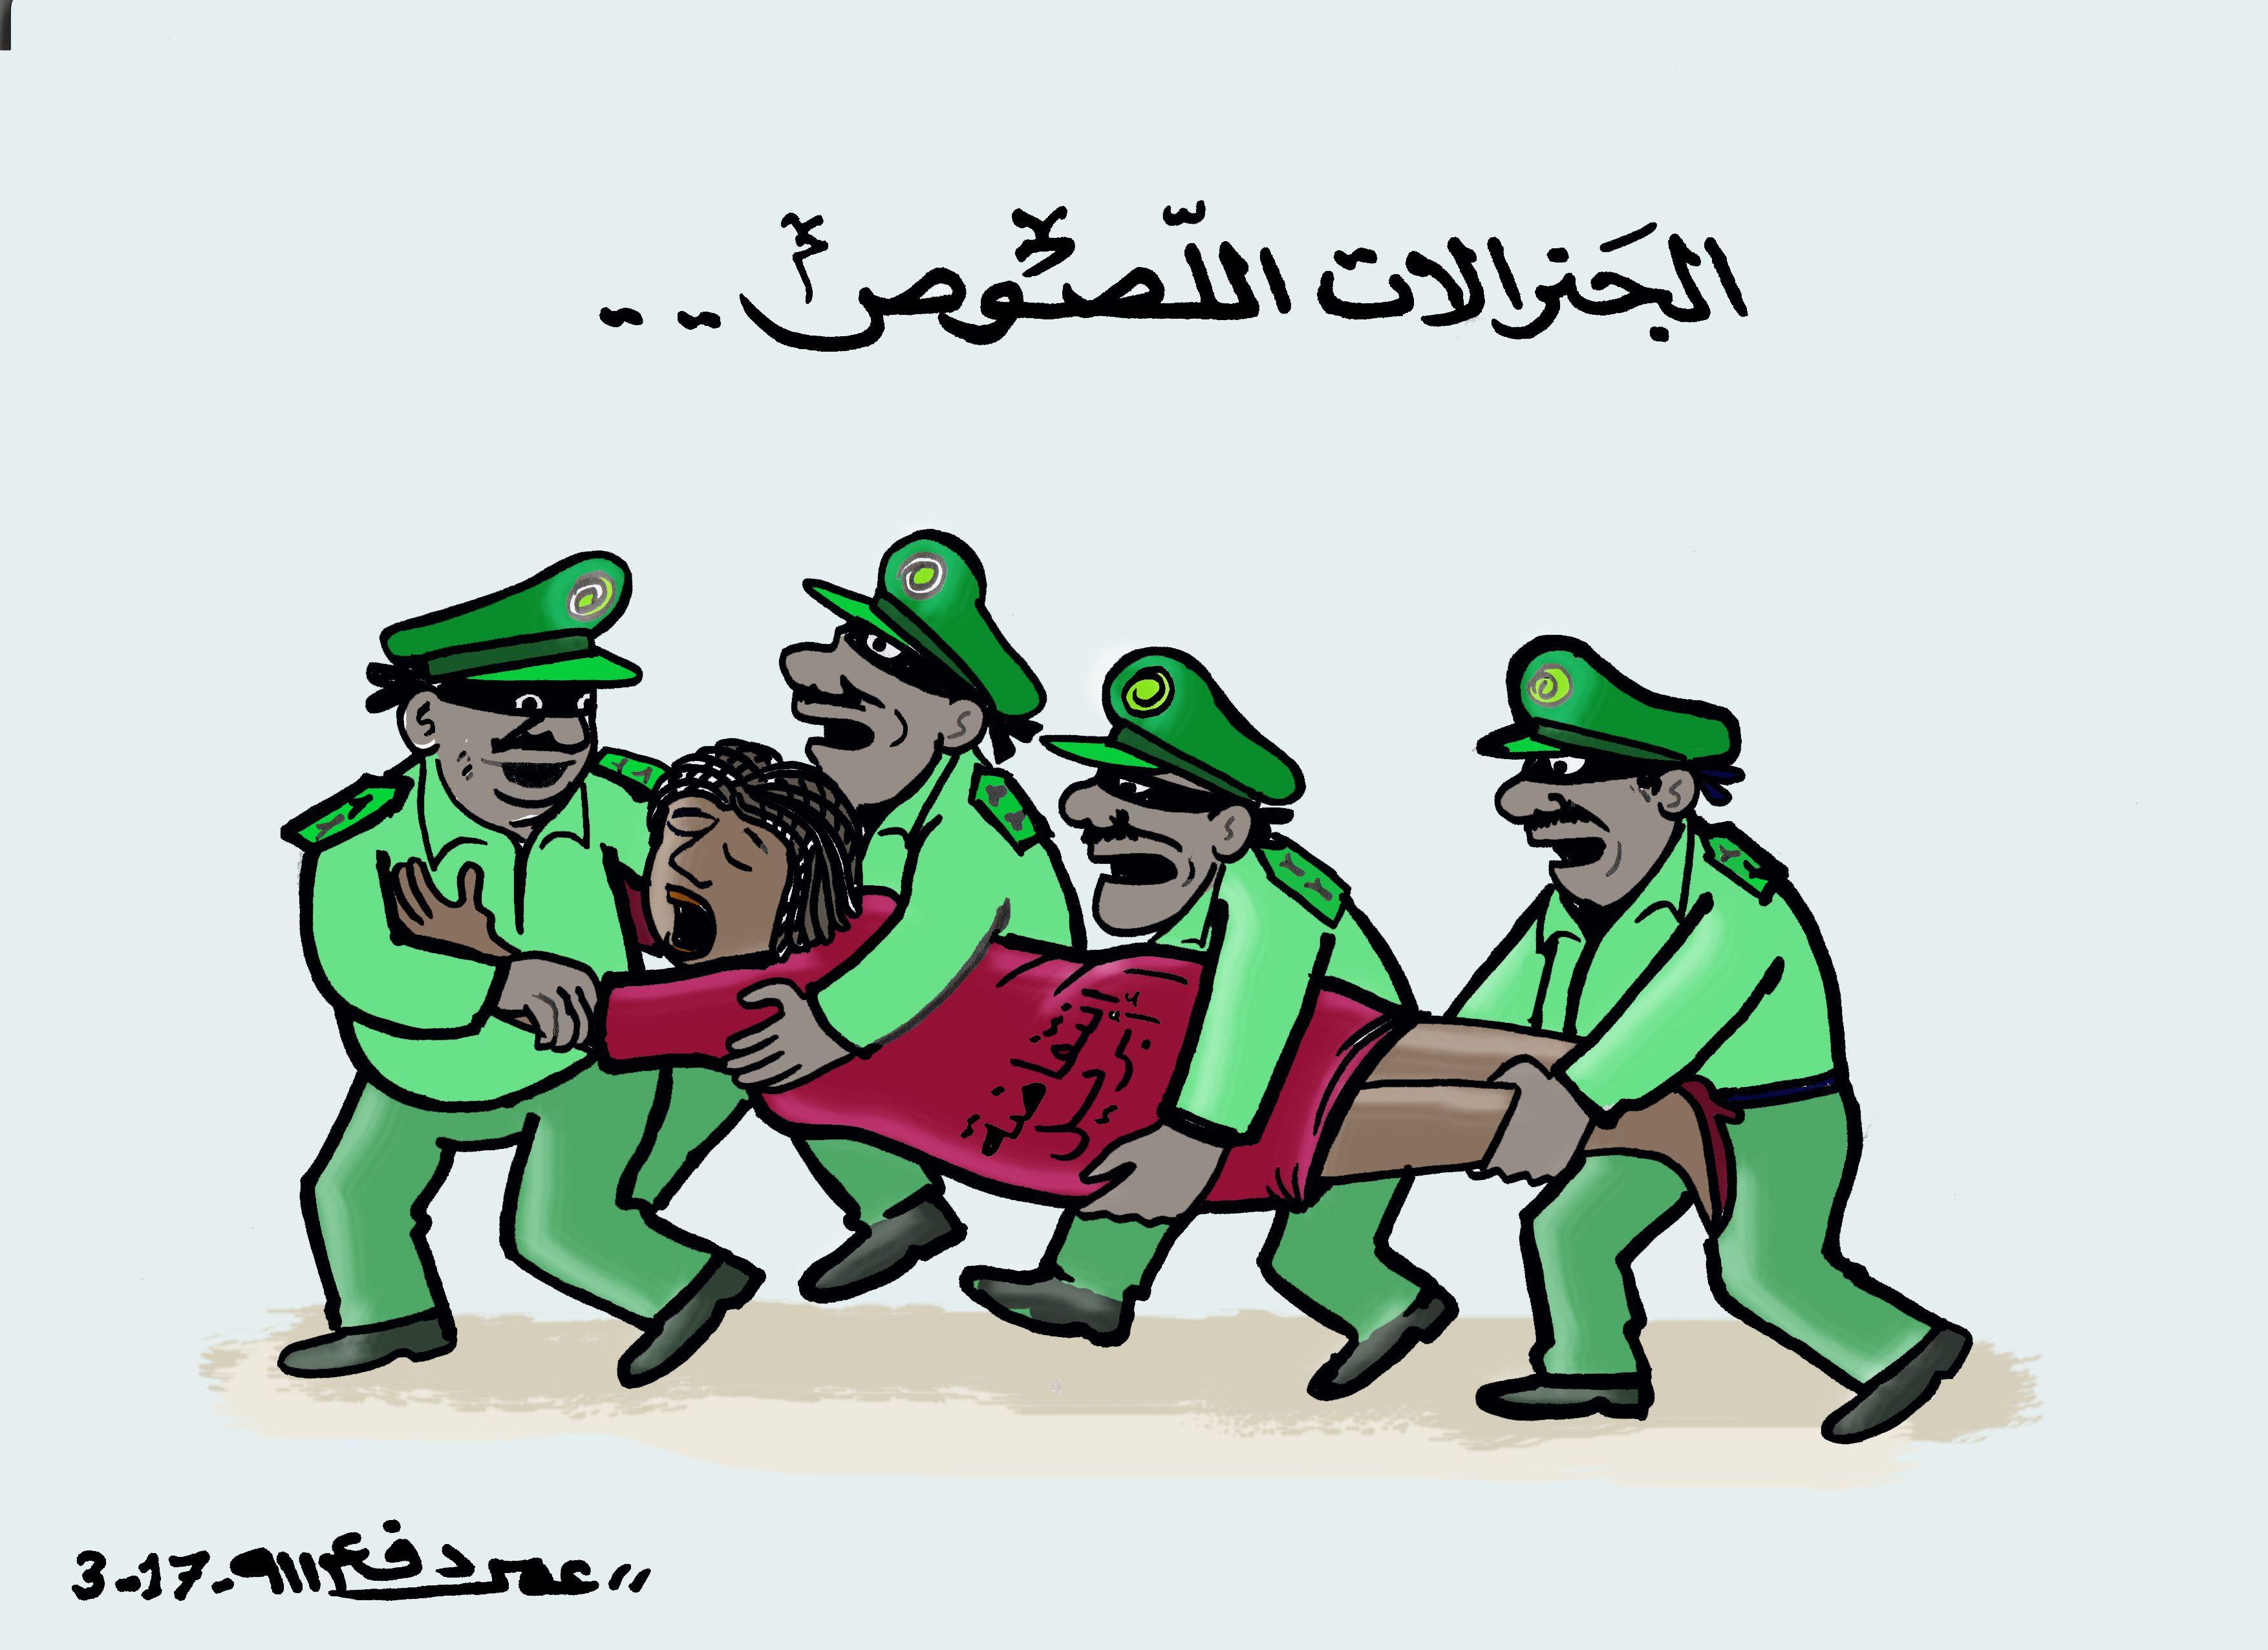 كاركاتير اليوم الموافق 07 مارس 2017 للفنان عمر دفع الله